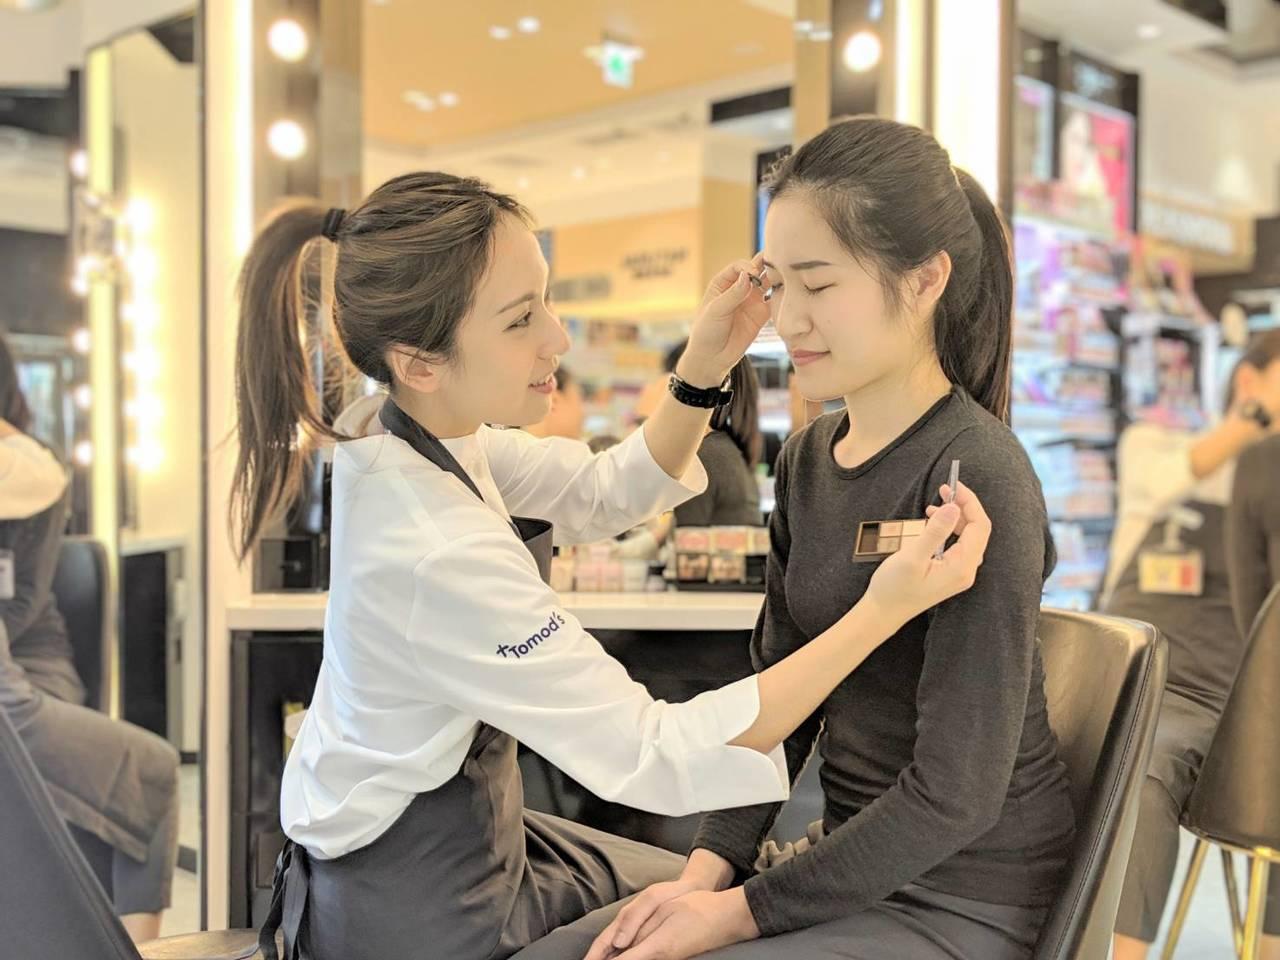 Tomod's特別仕樣店彩妝師店長提供美妝諮詢服務。圖/Tomod's提供